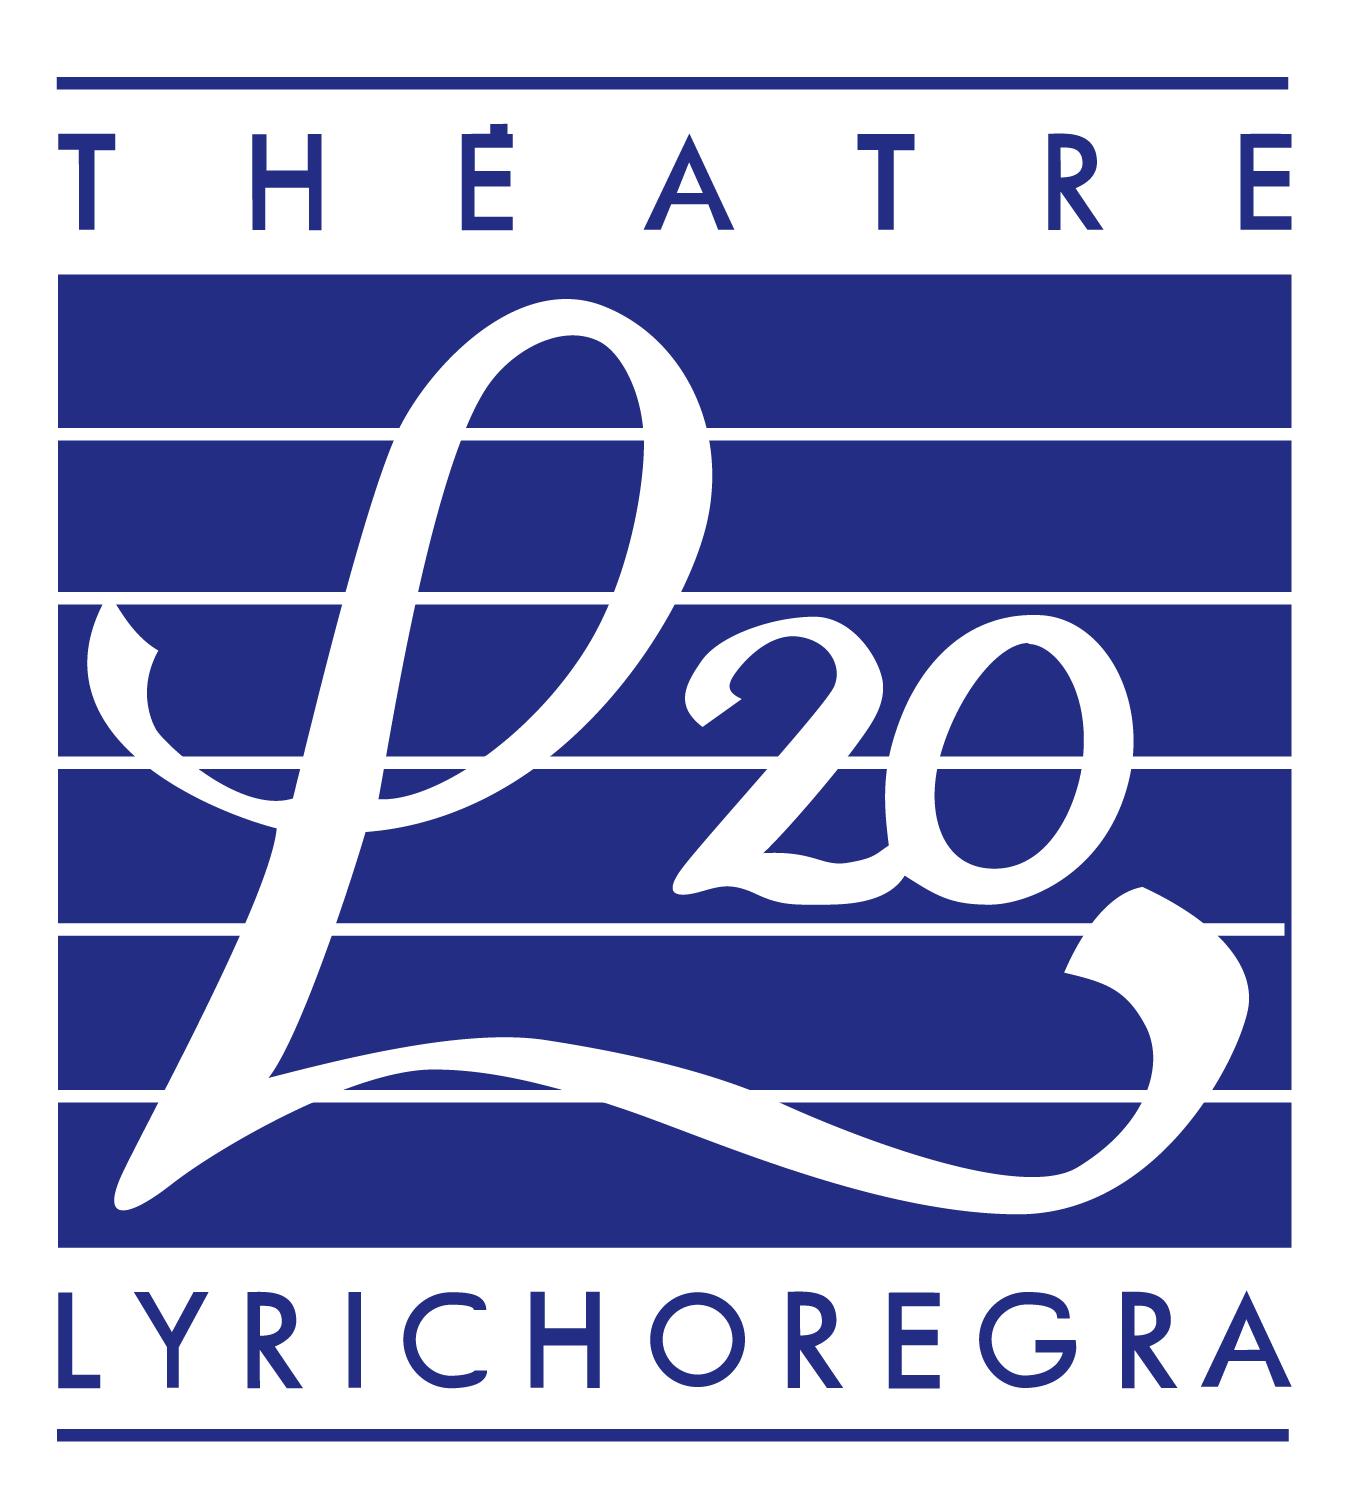 THÉÂTRE LYRICHORÉGRA.png